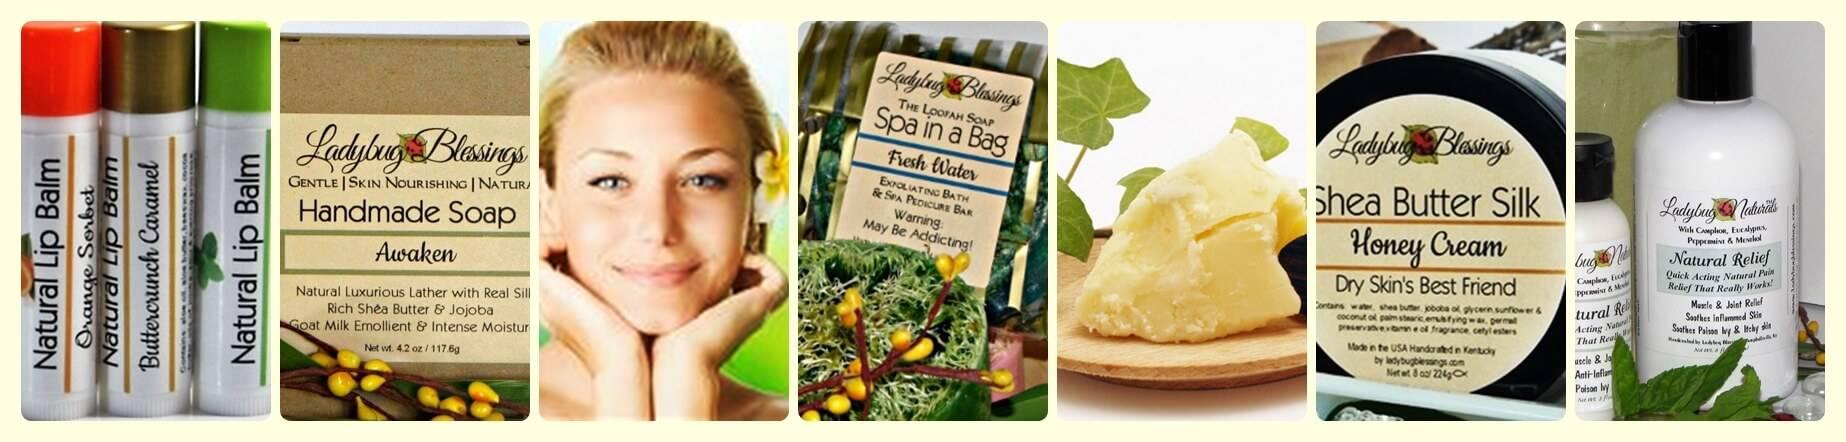 Natural Bath Products, Natural Handmade soap, Natural Bath and Body, Natural Bath and Body Products